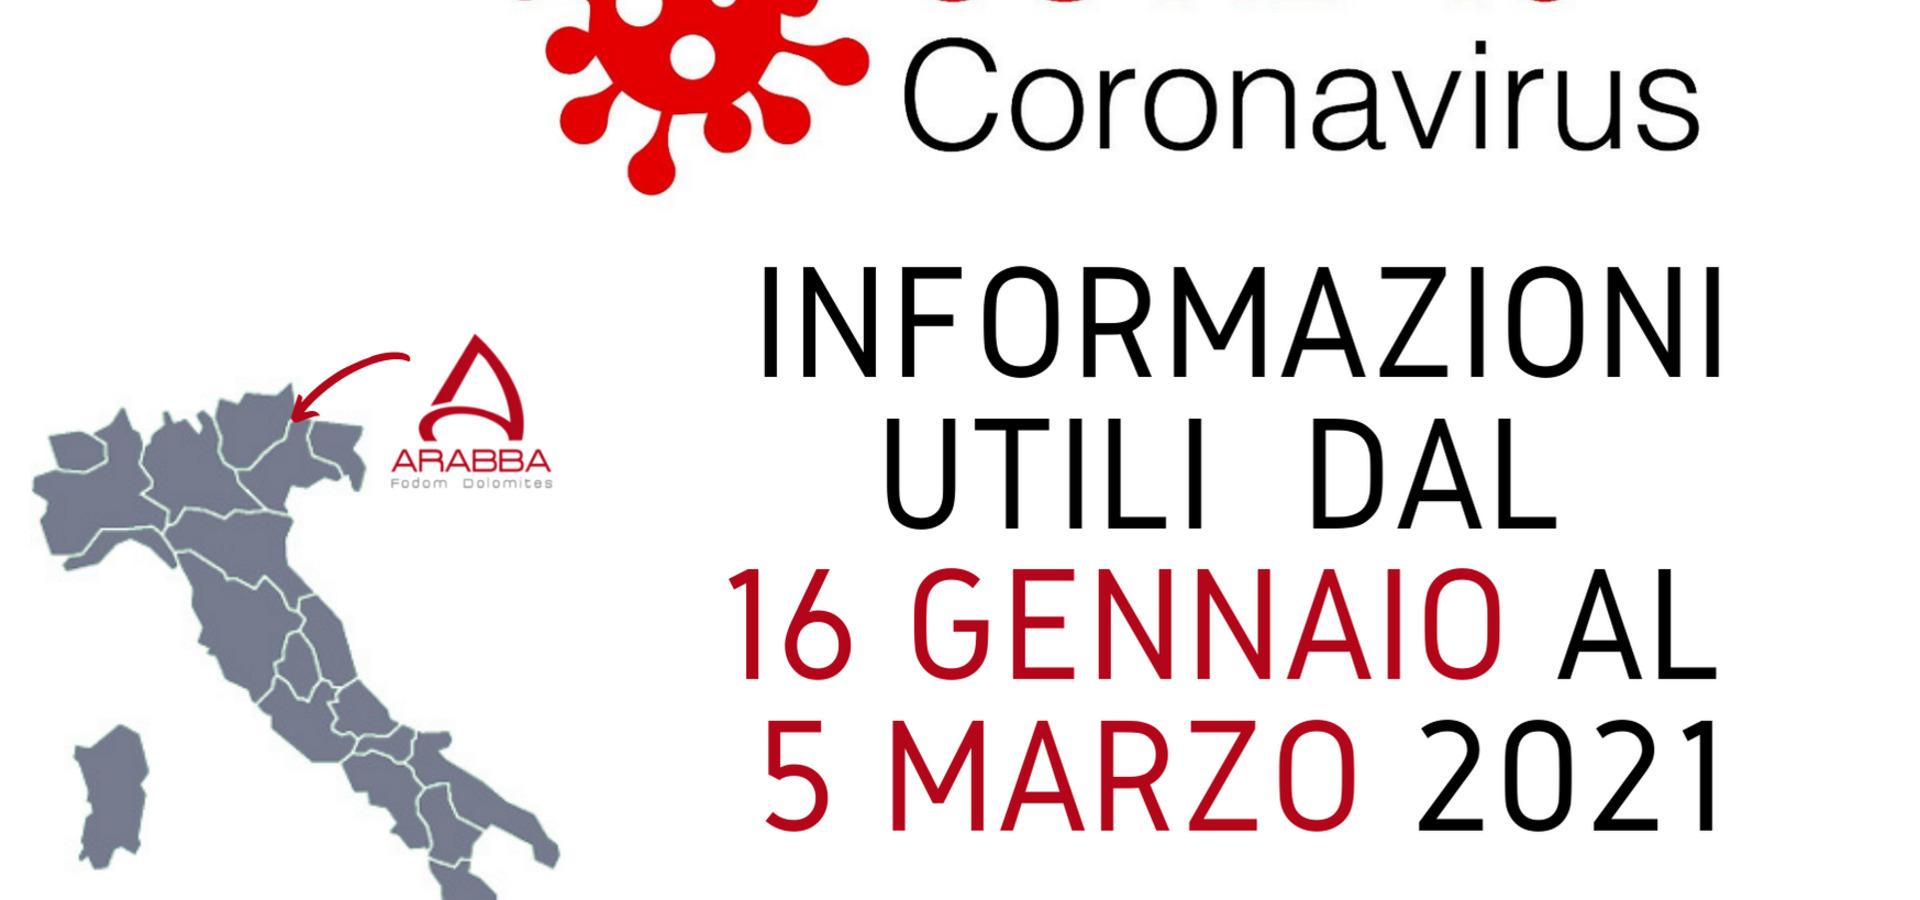 Coronavirus: Situation in Italien - Aktualisierungen vom 16.01.2021 bis 05.03.2021